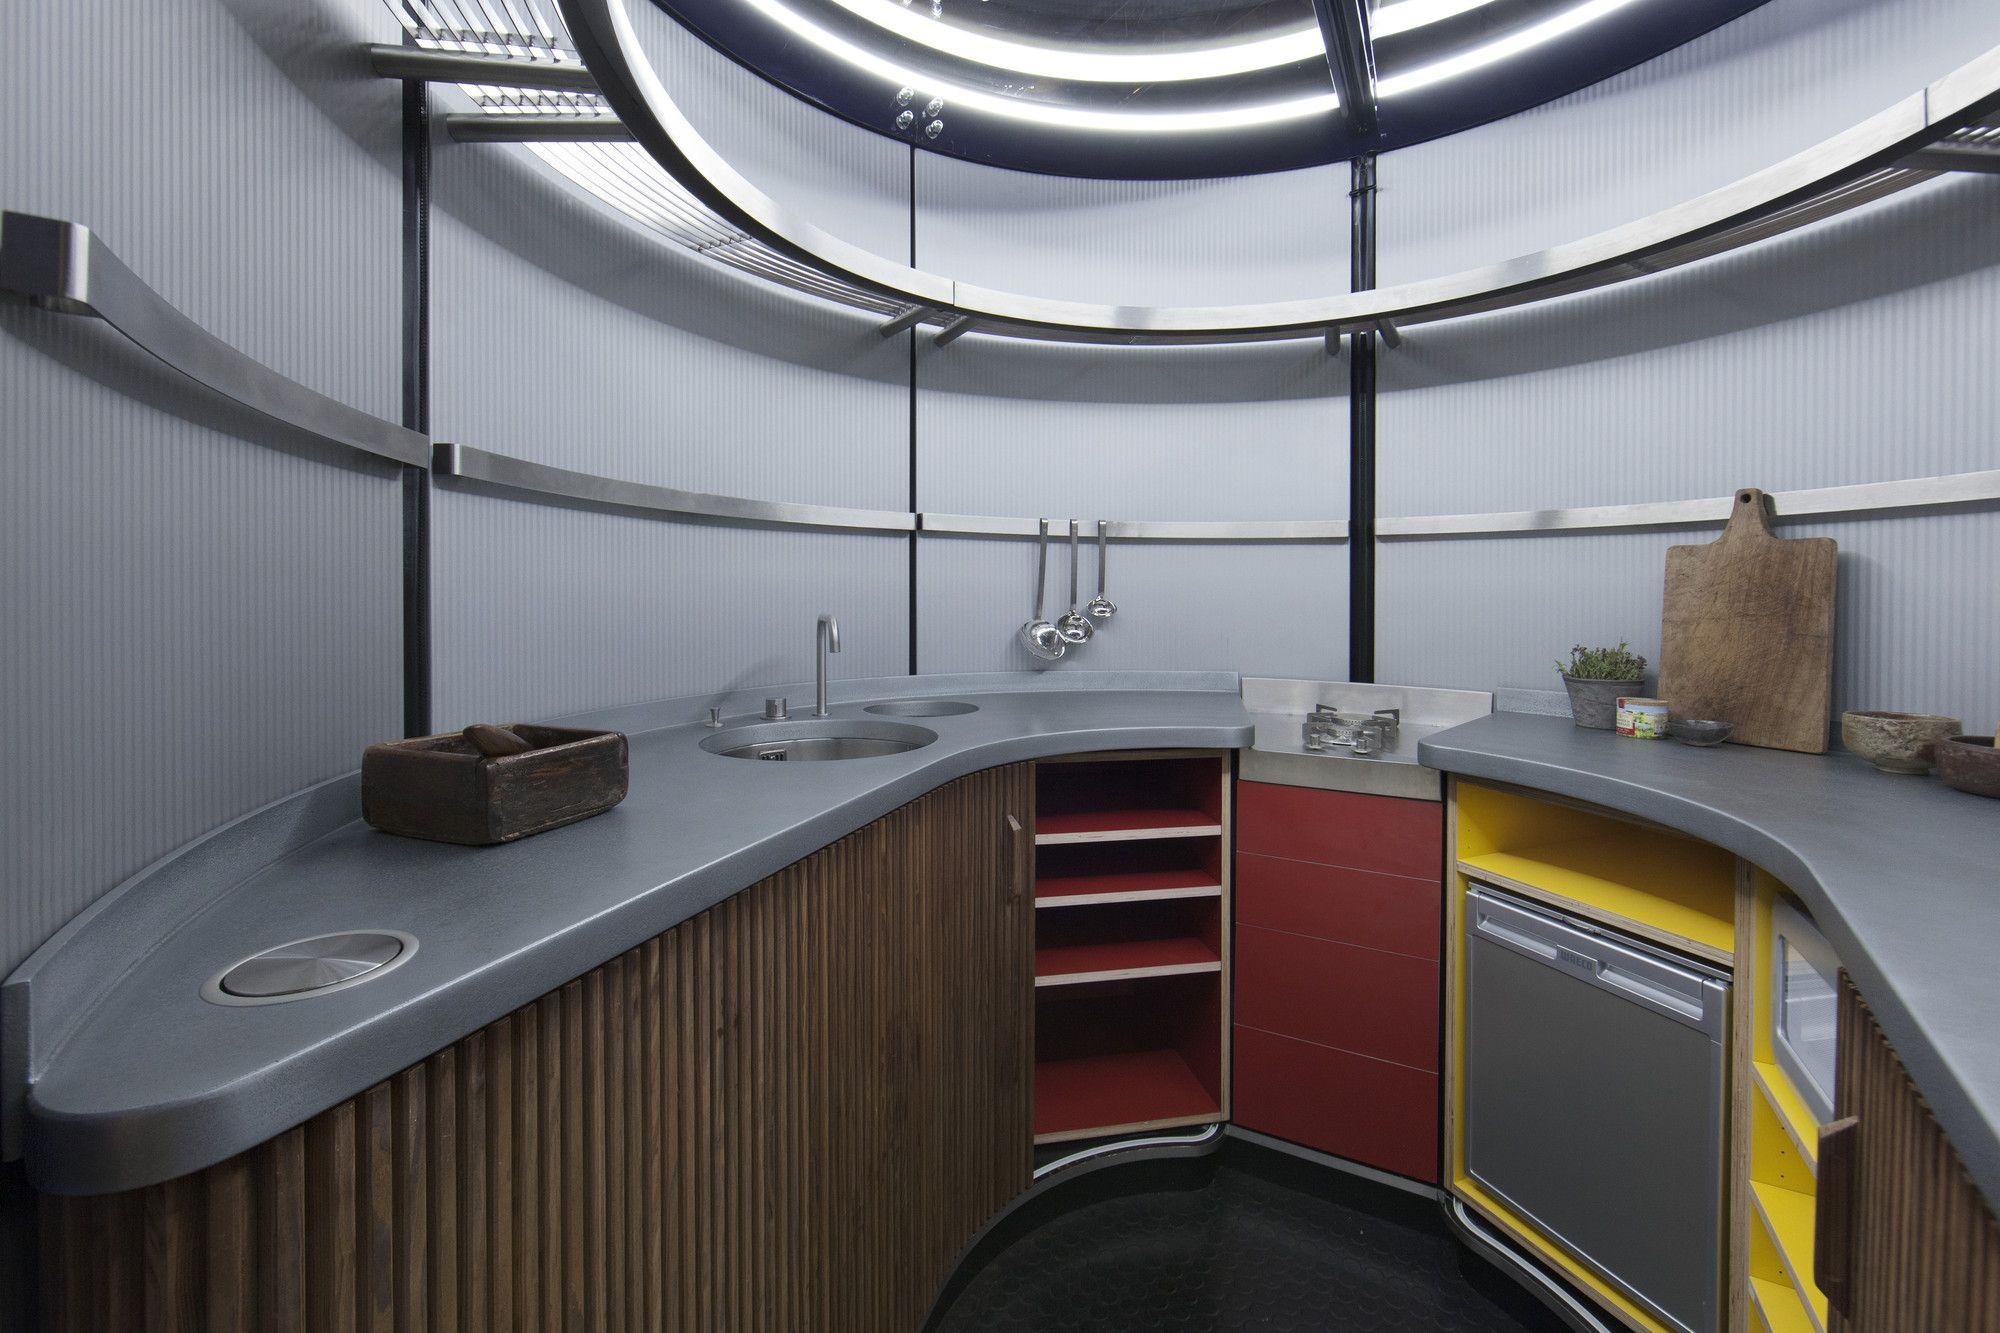 Imagem 6 de 10 da galeria de RSHP propõe adaptação da Casa Desmontável 6x6 de…